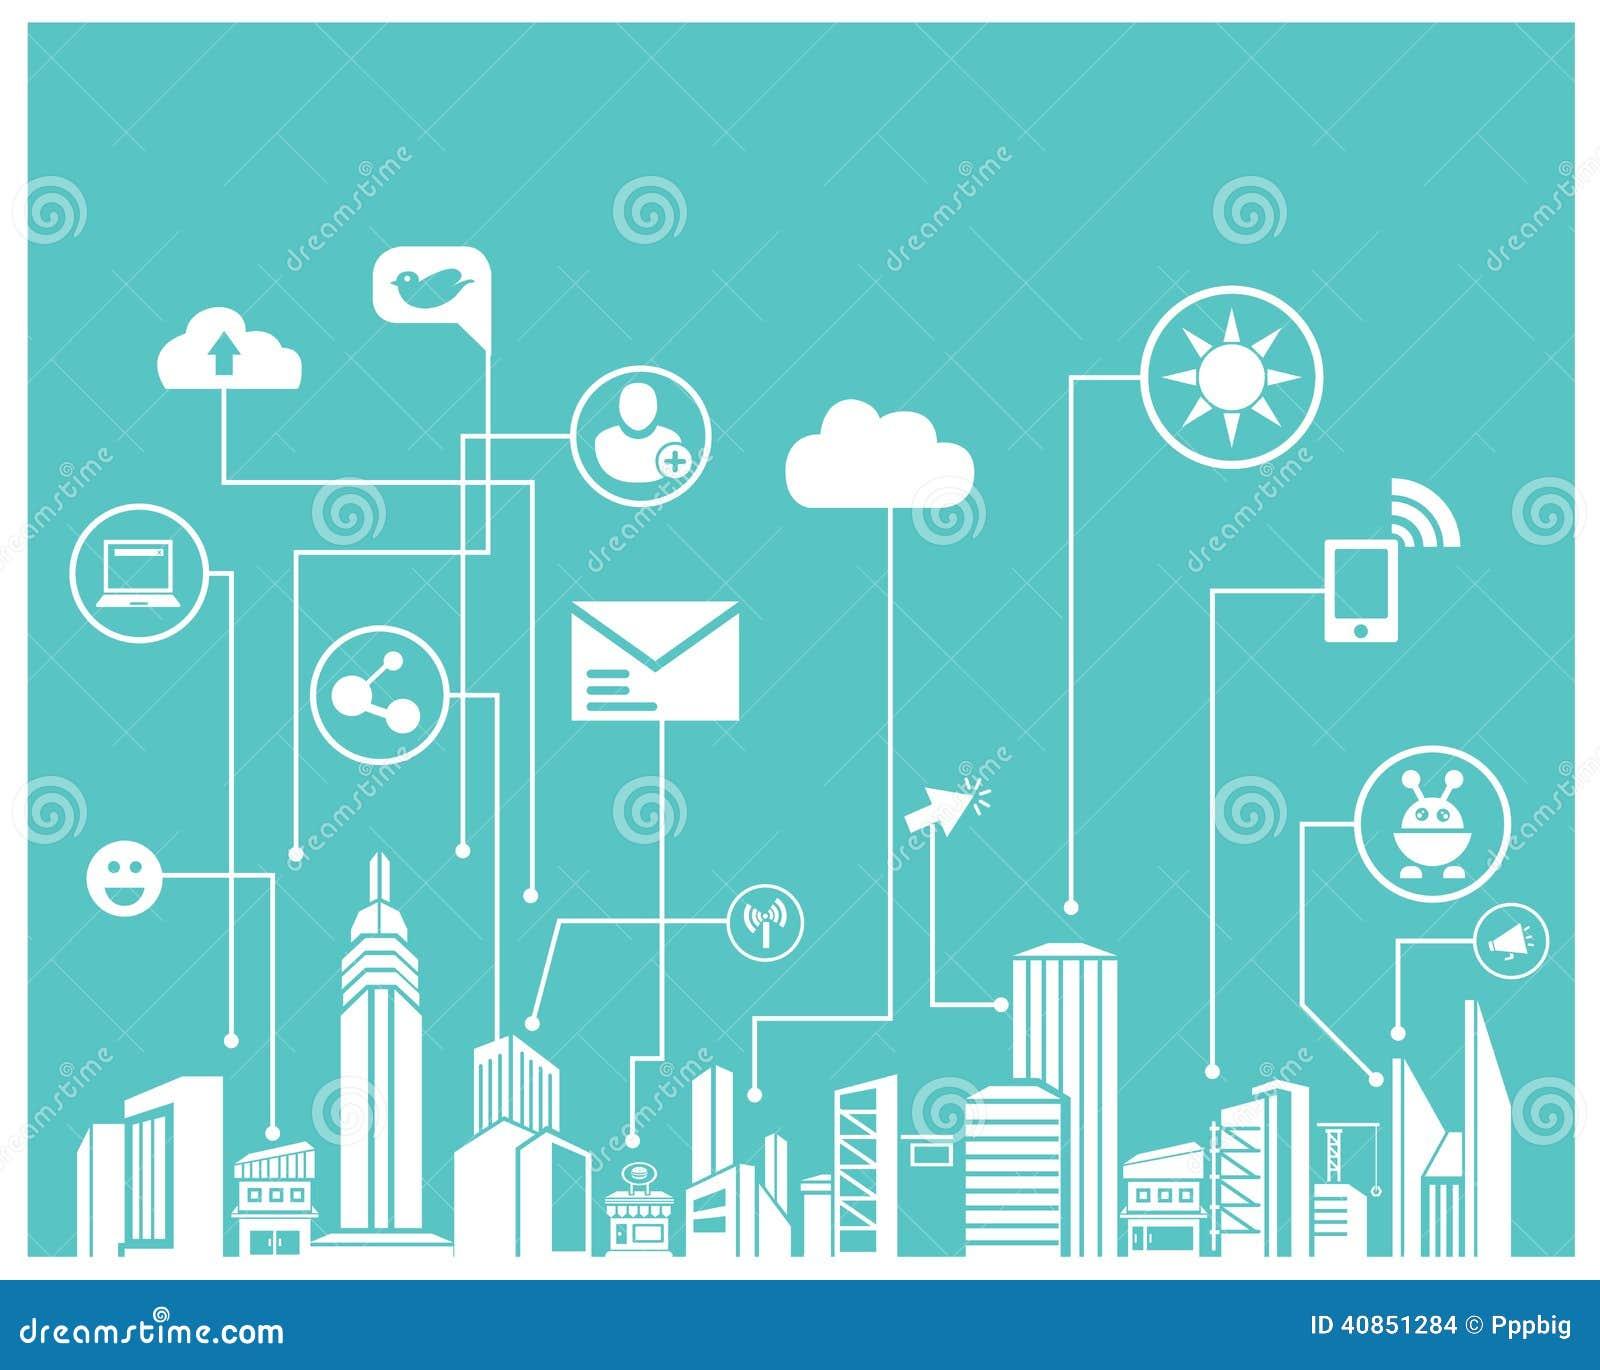 社会资讯_社会网络社区信息图表